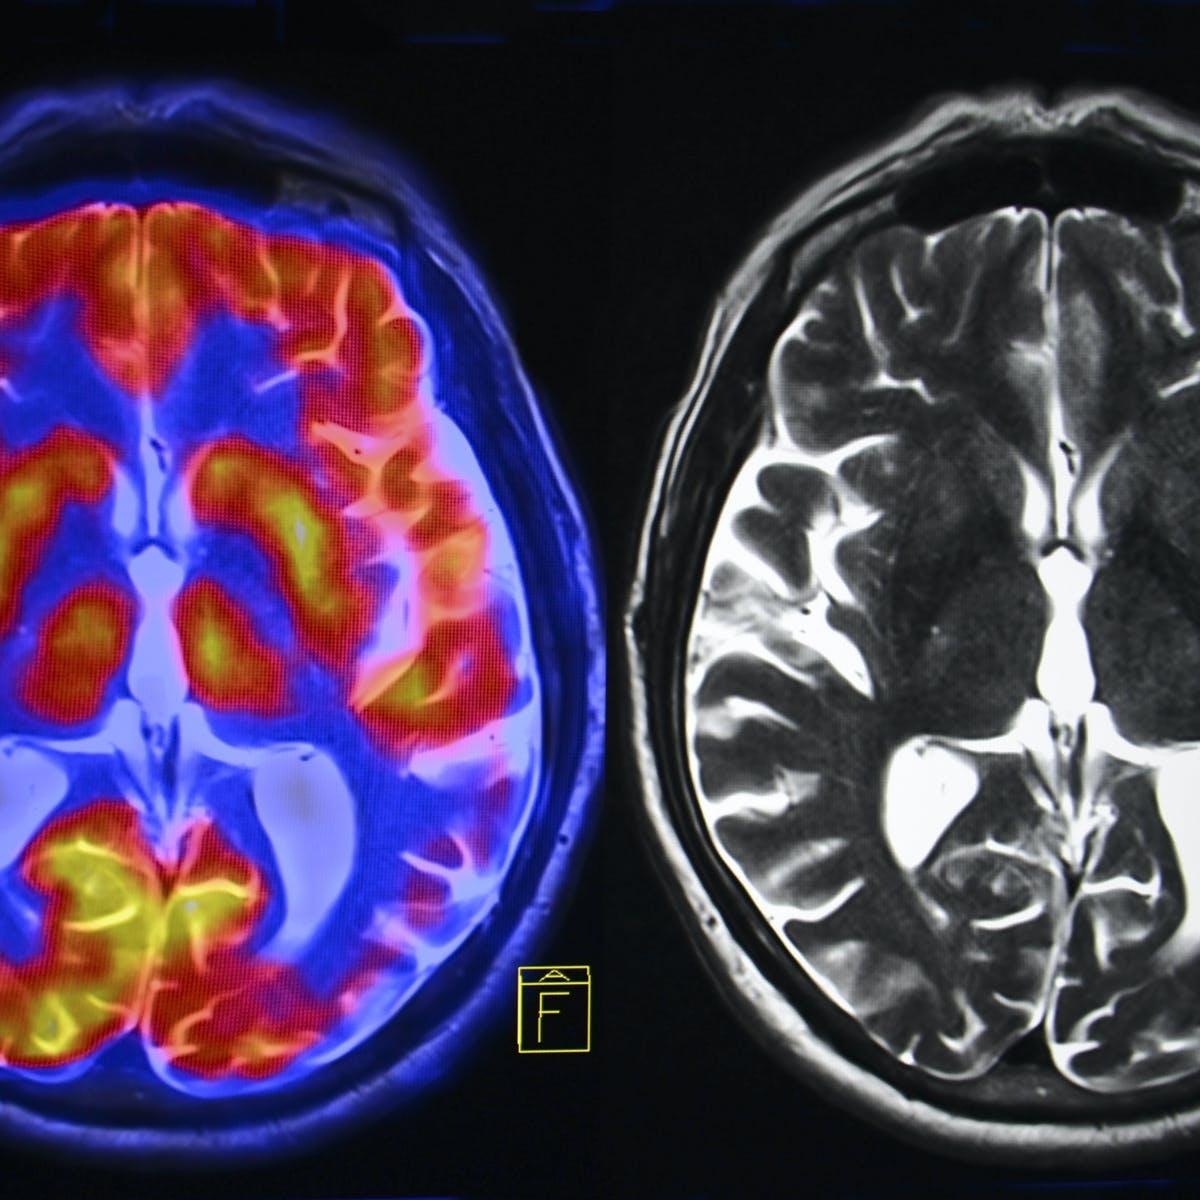 الموت دماغيا - مجلة نقطة العلمية